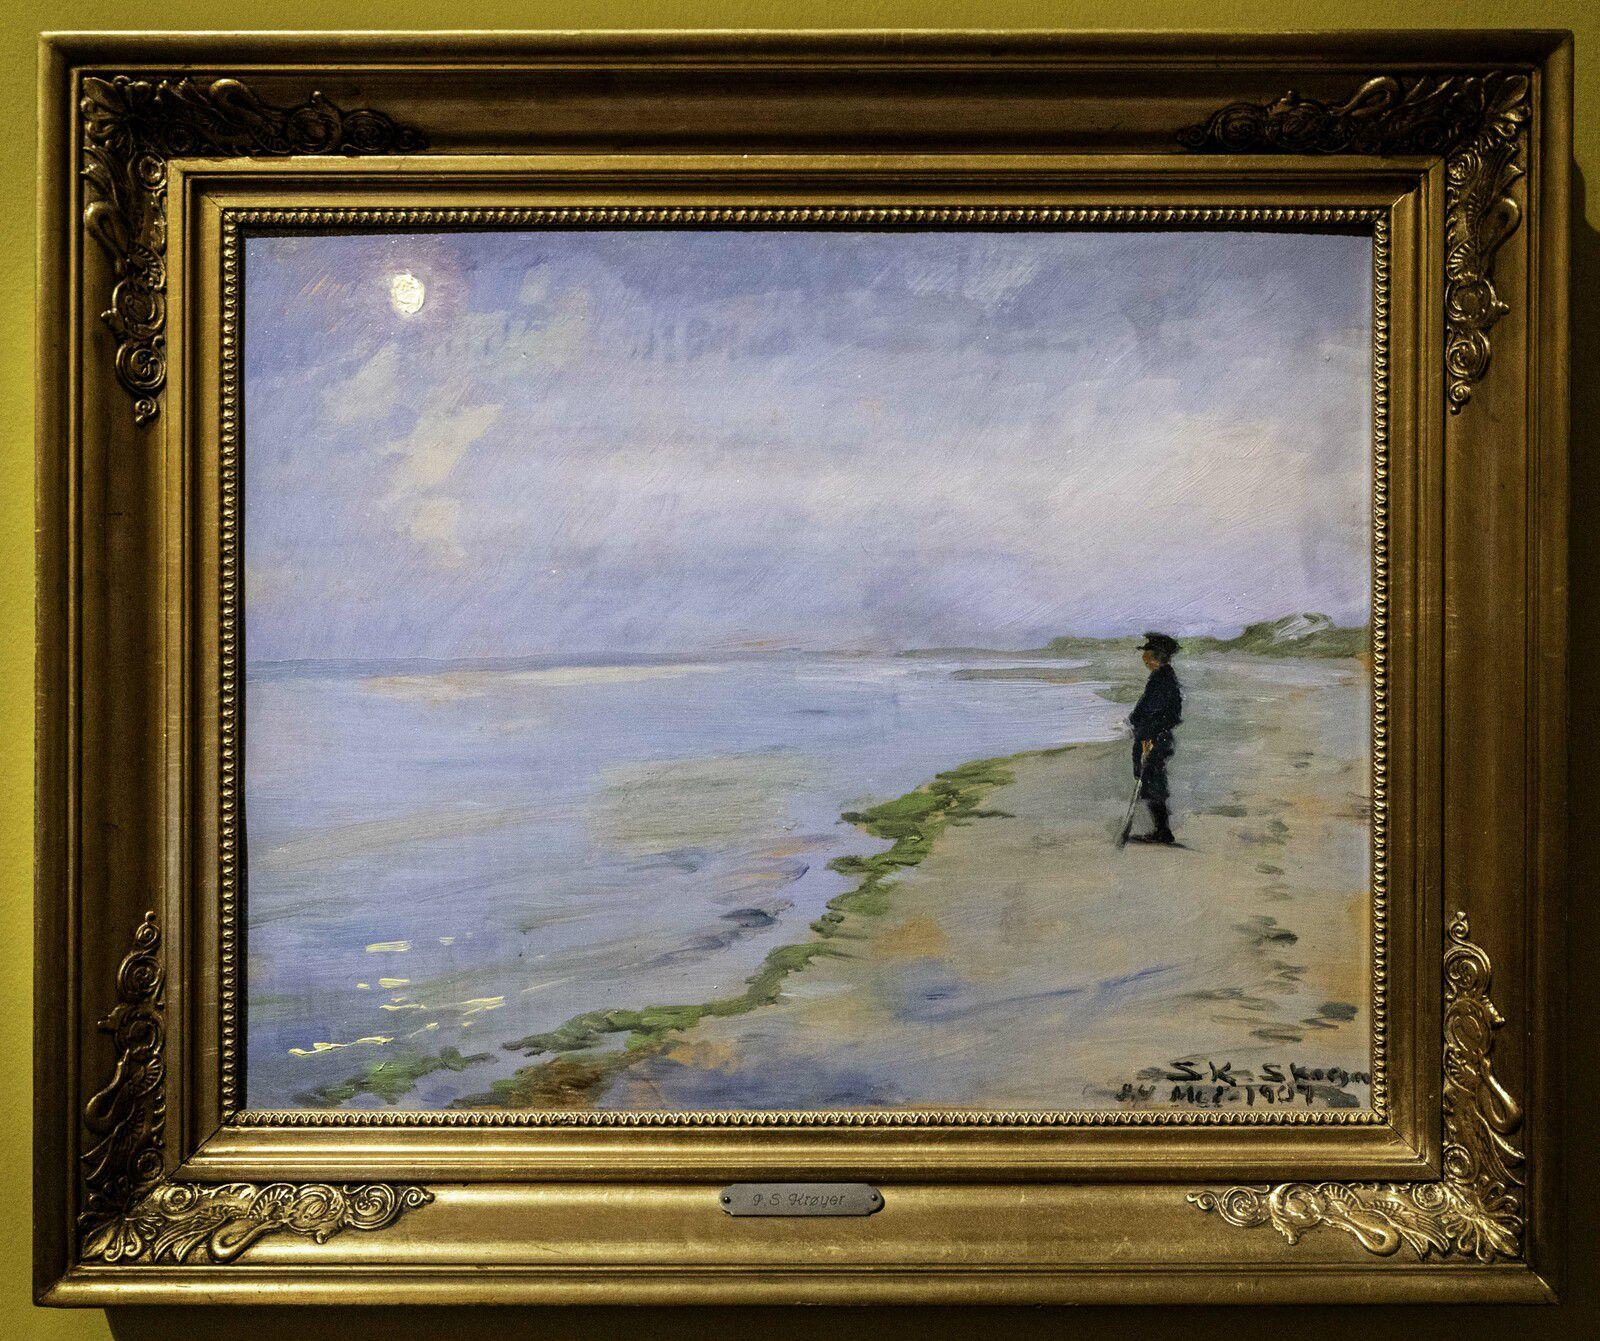 L'heure bleue - 1907 - Peder Severin Krøyer